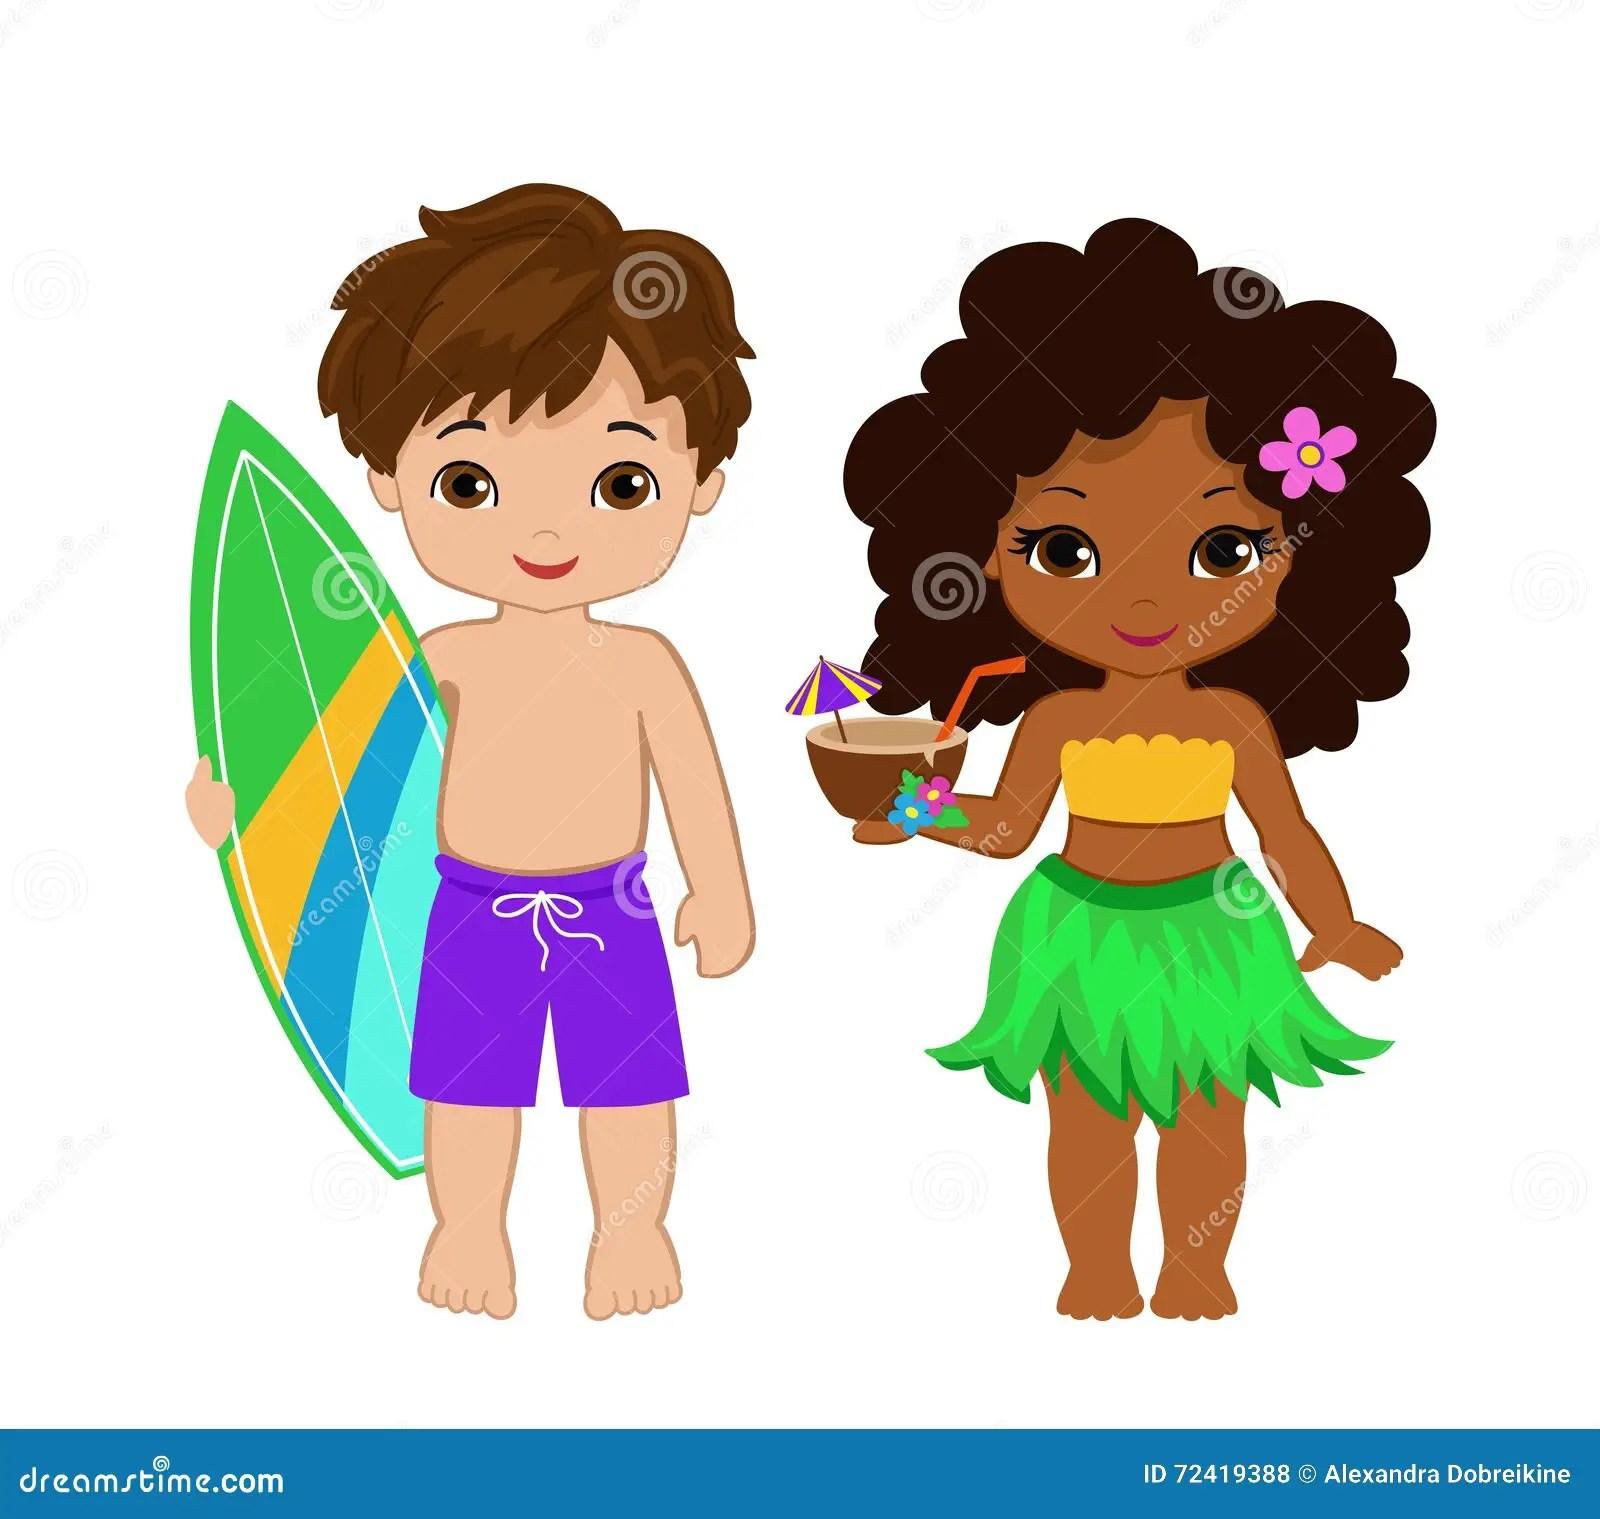 Illustration Of Cute Boy With Surfboard And Hawaiian Girl